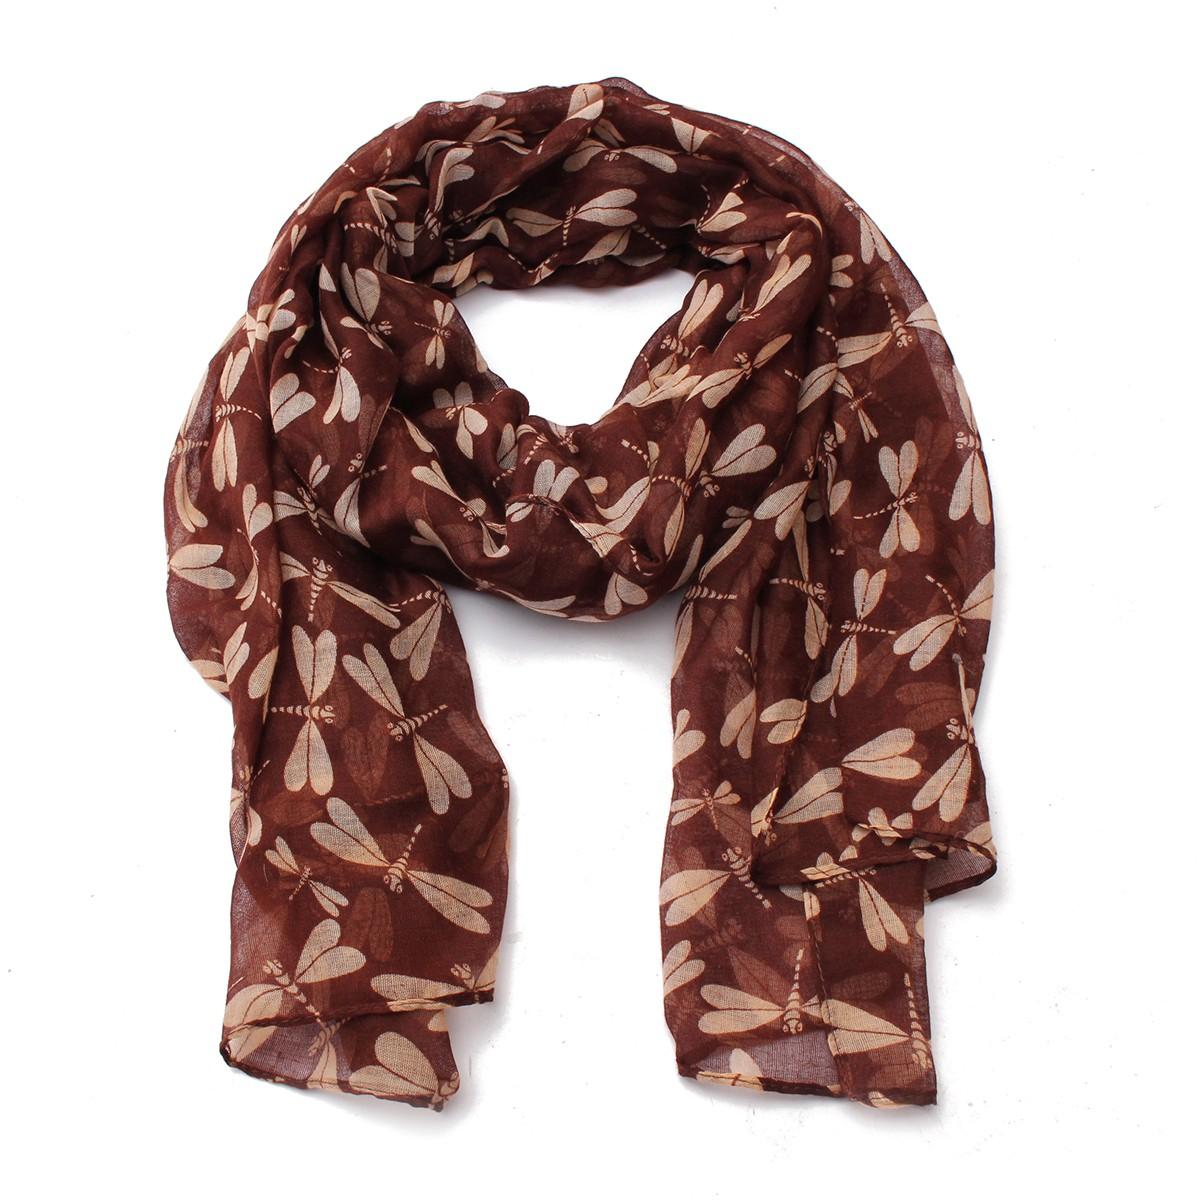 175 90cm shawl dragonfly soft scarf scarves